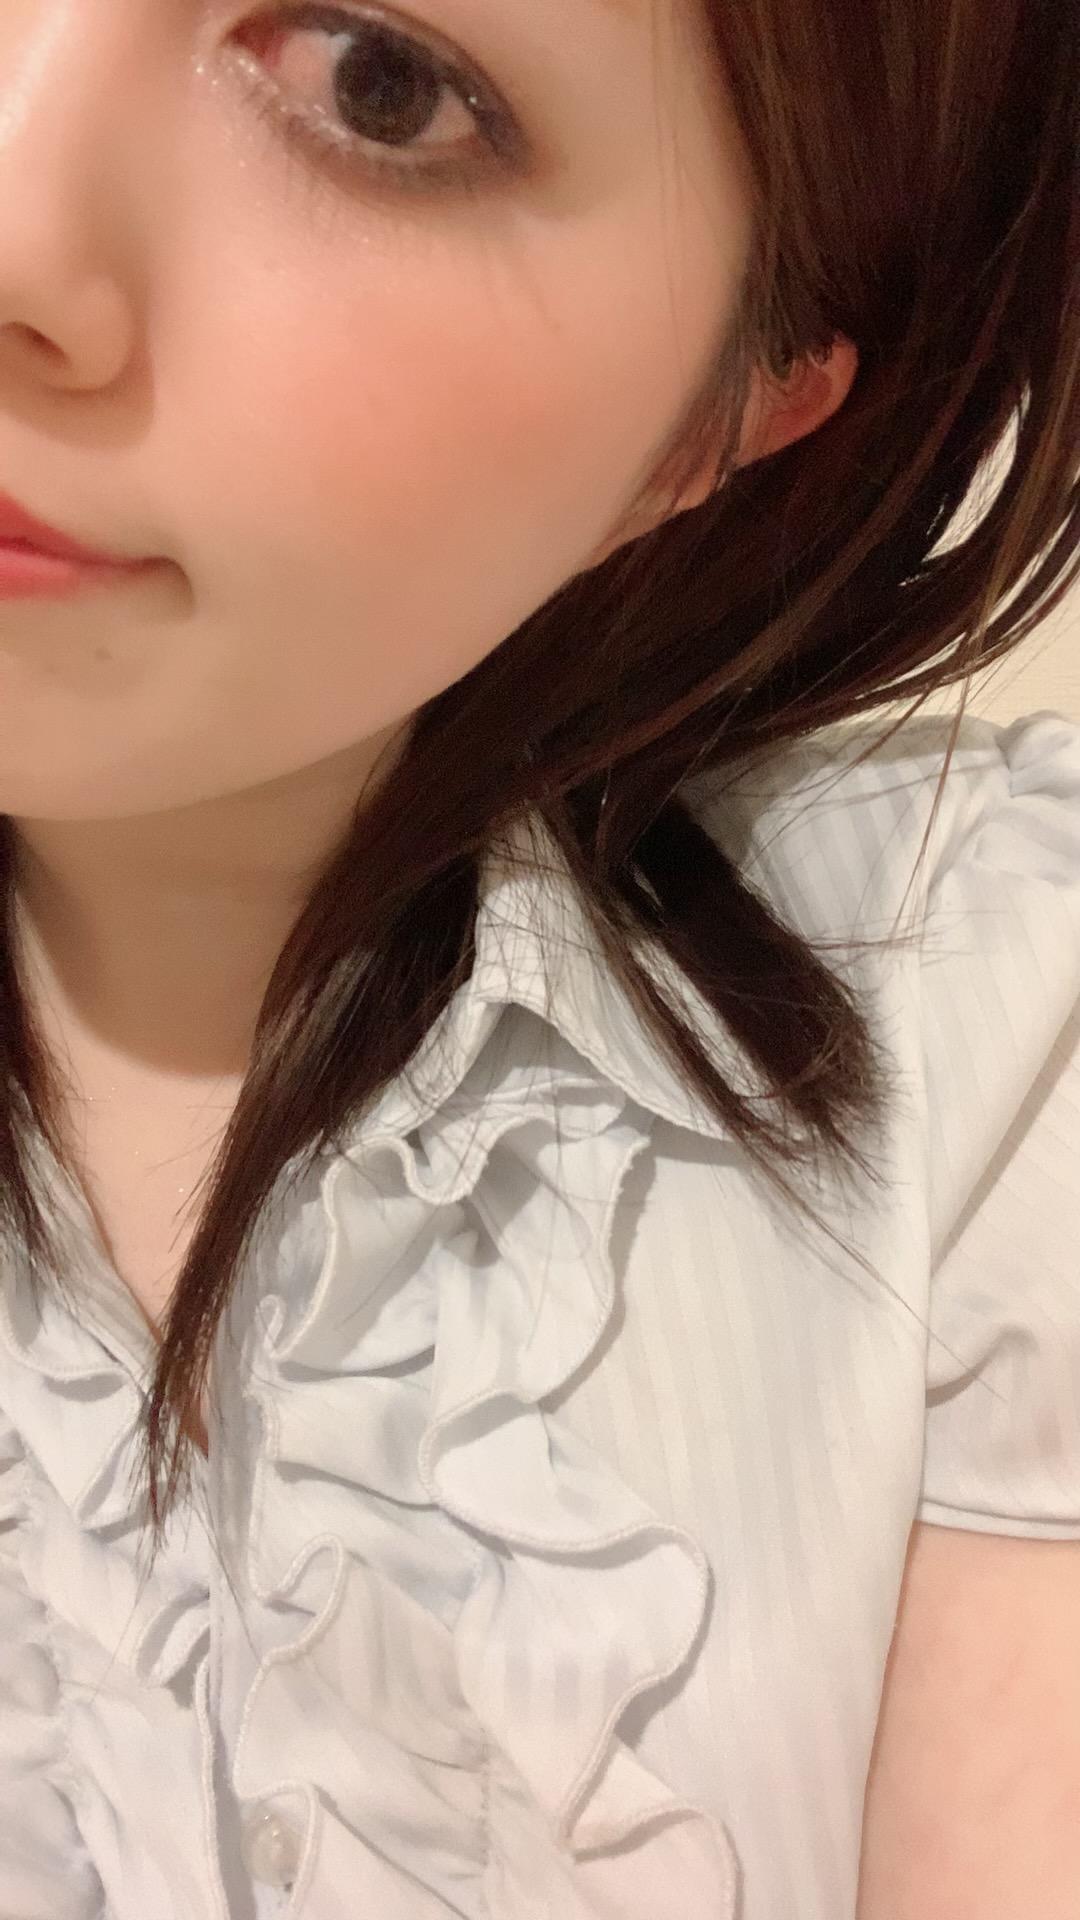 「こんにちわ」02/17(水) 21:50   藍川(あいかわ)の写メ日記